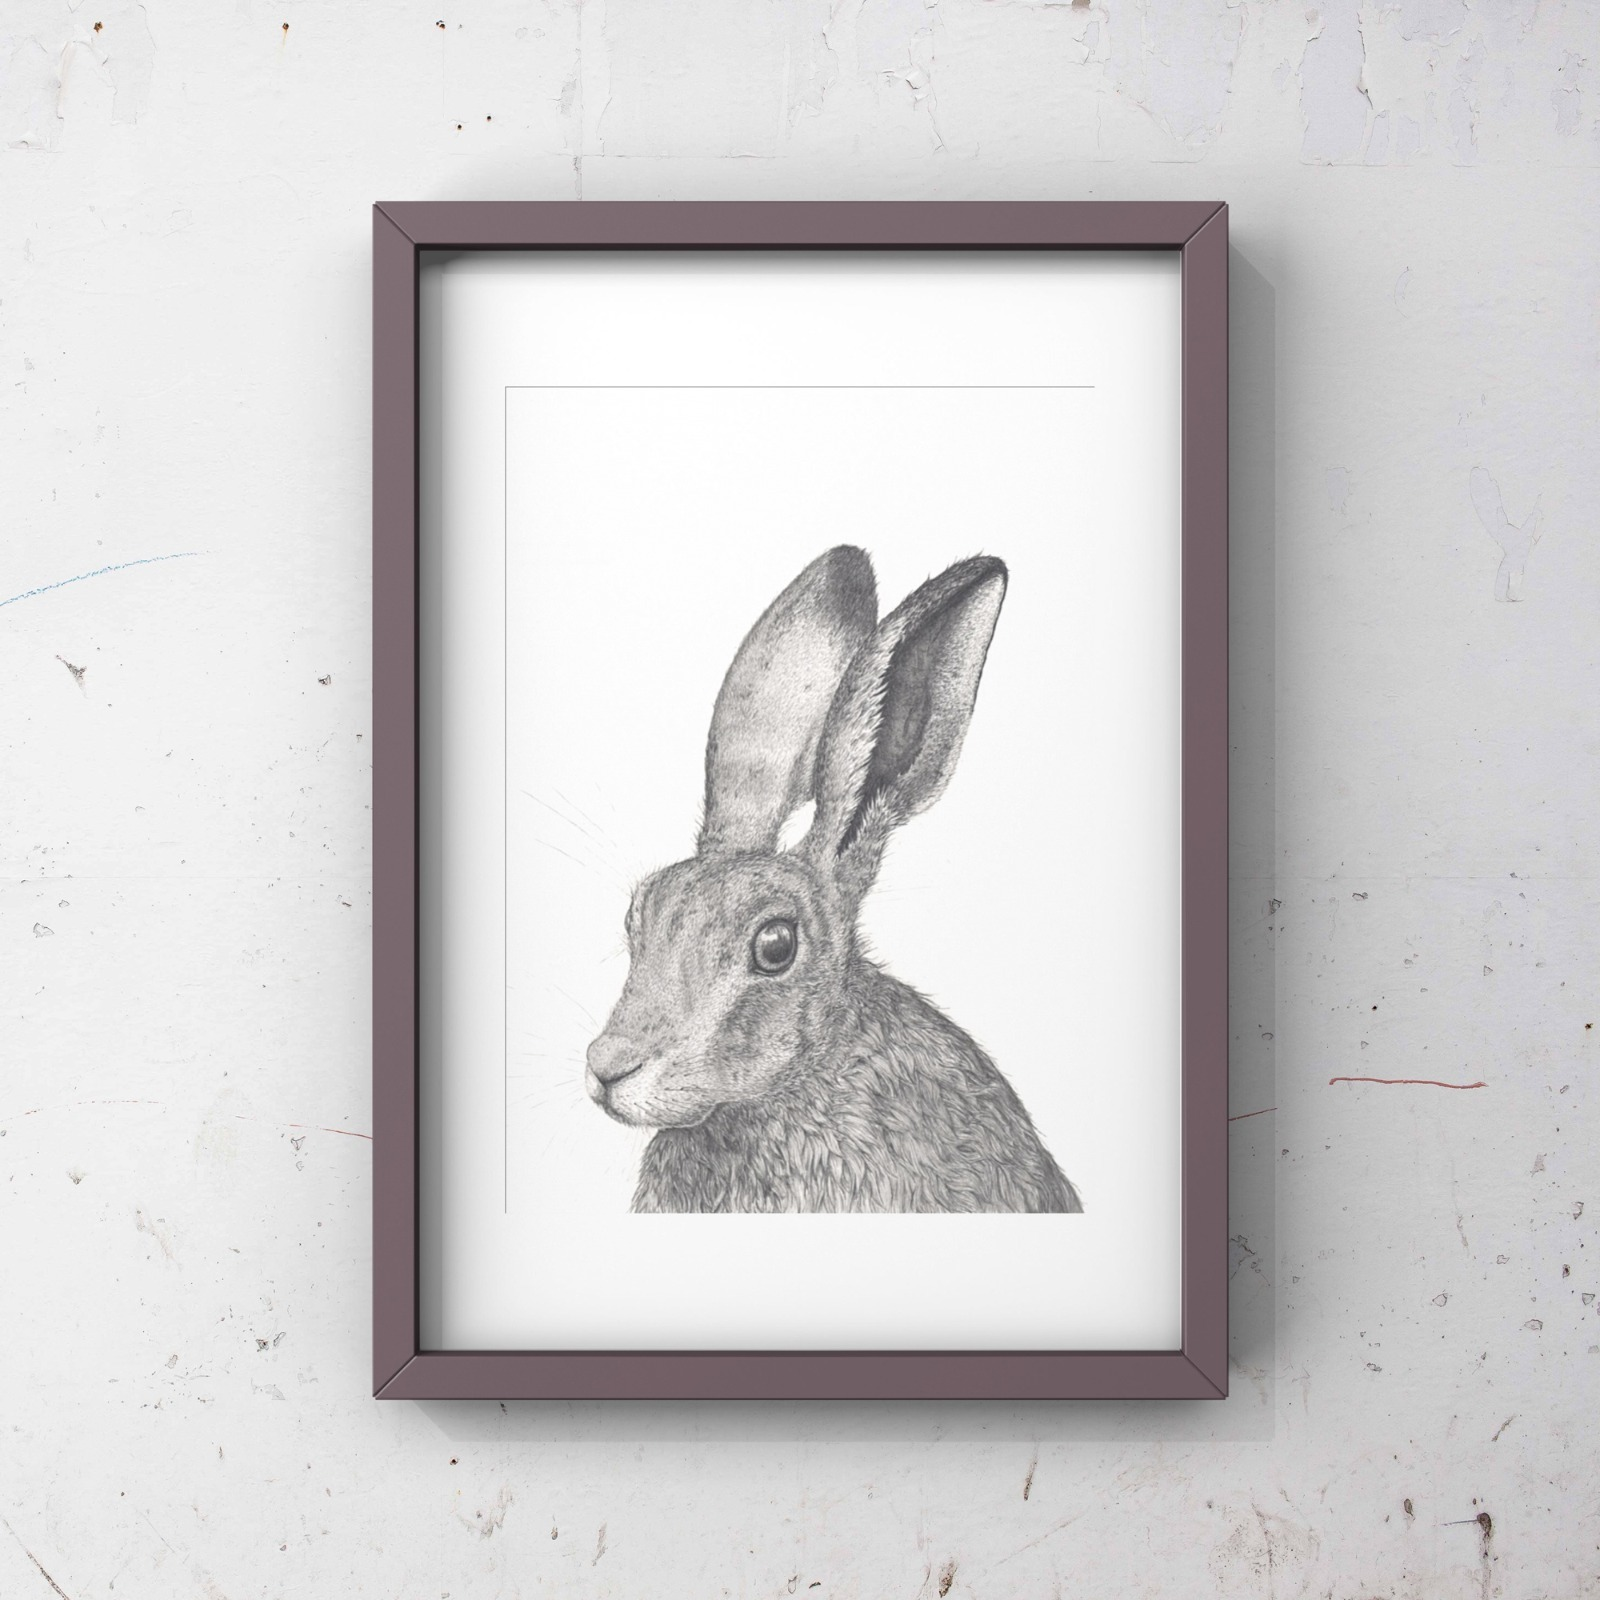 Bleaklow hare